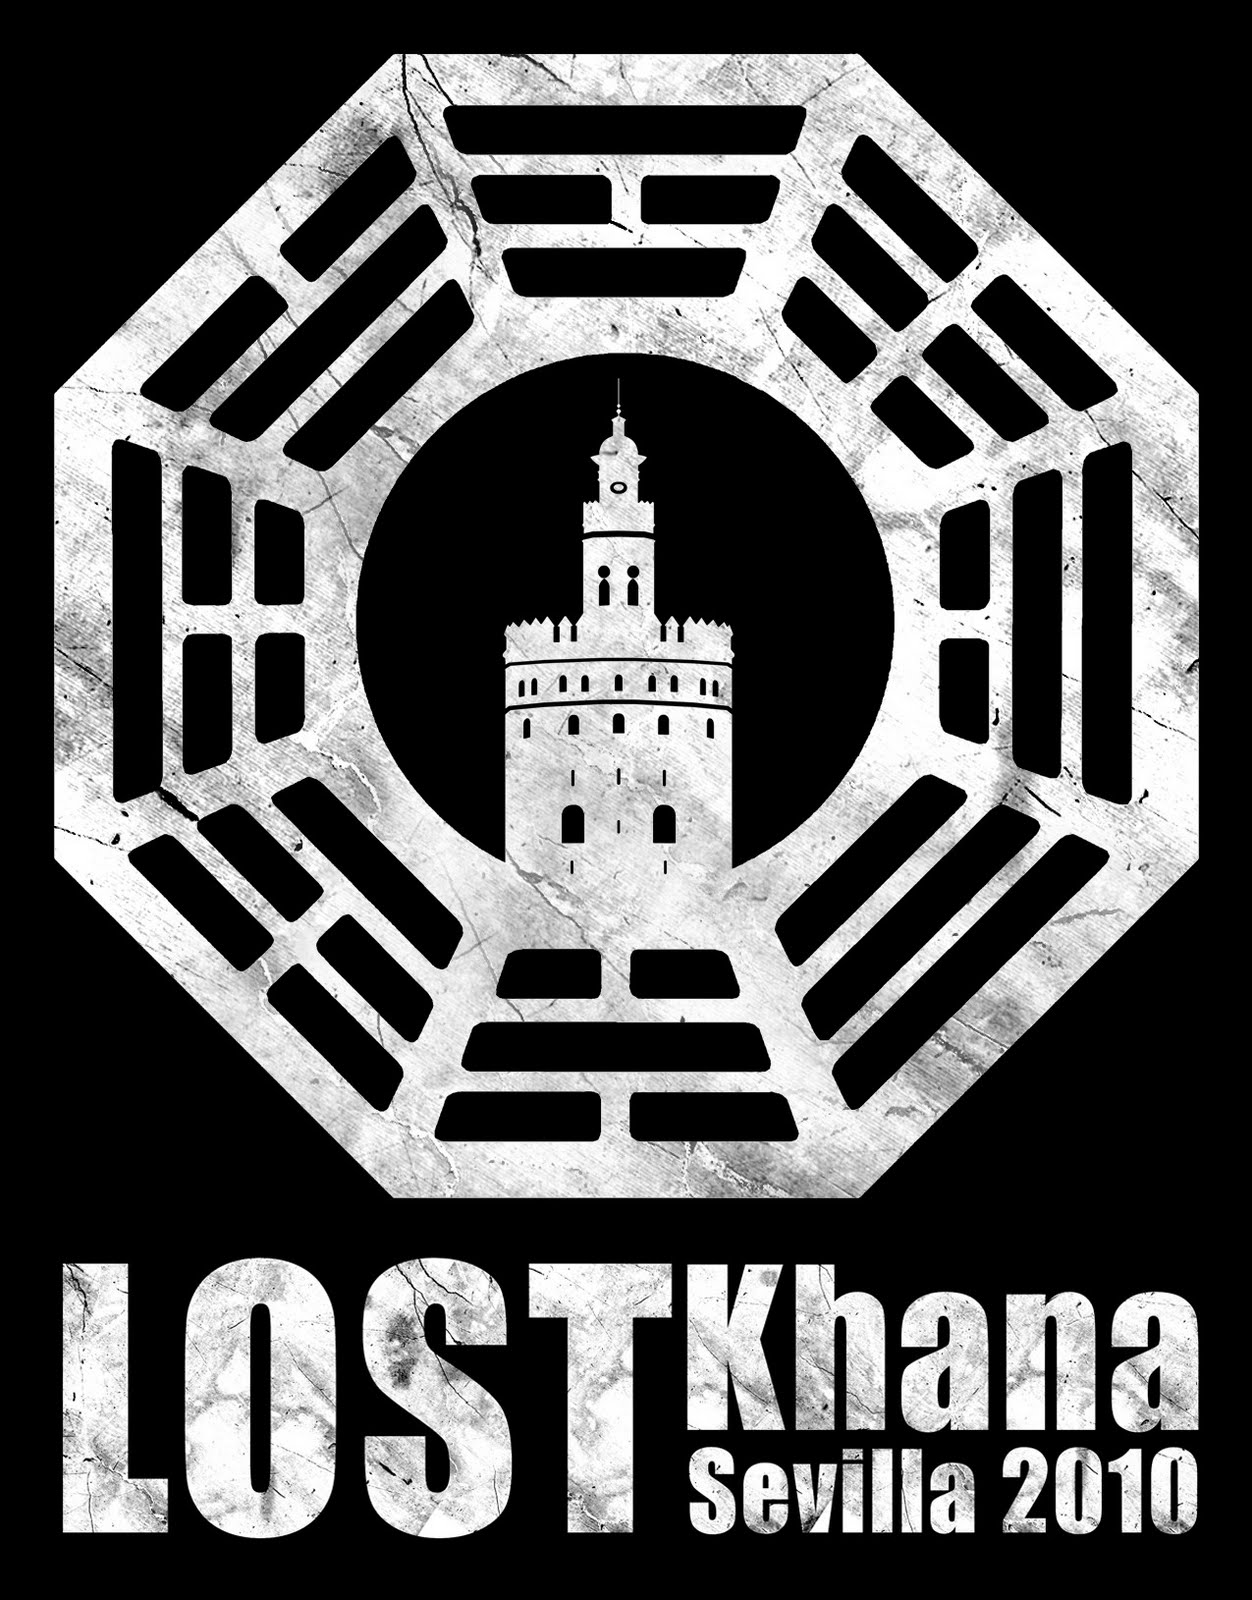 Logotipo de la LostKhana